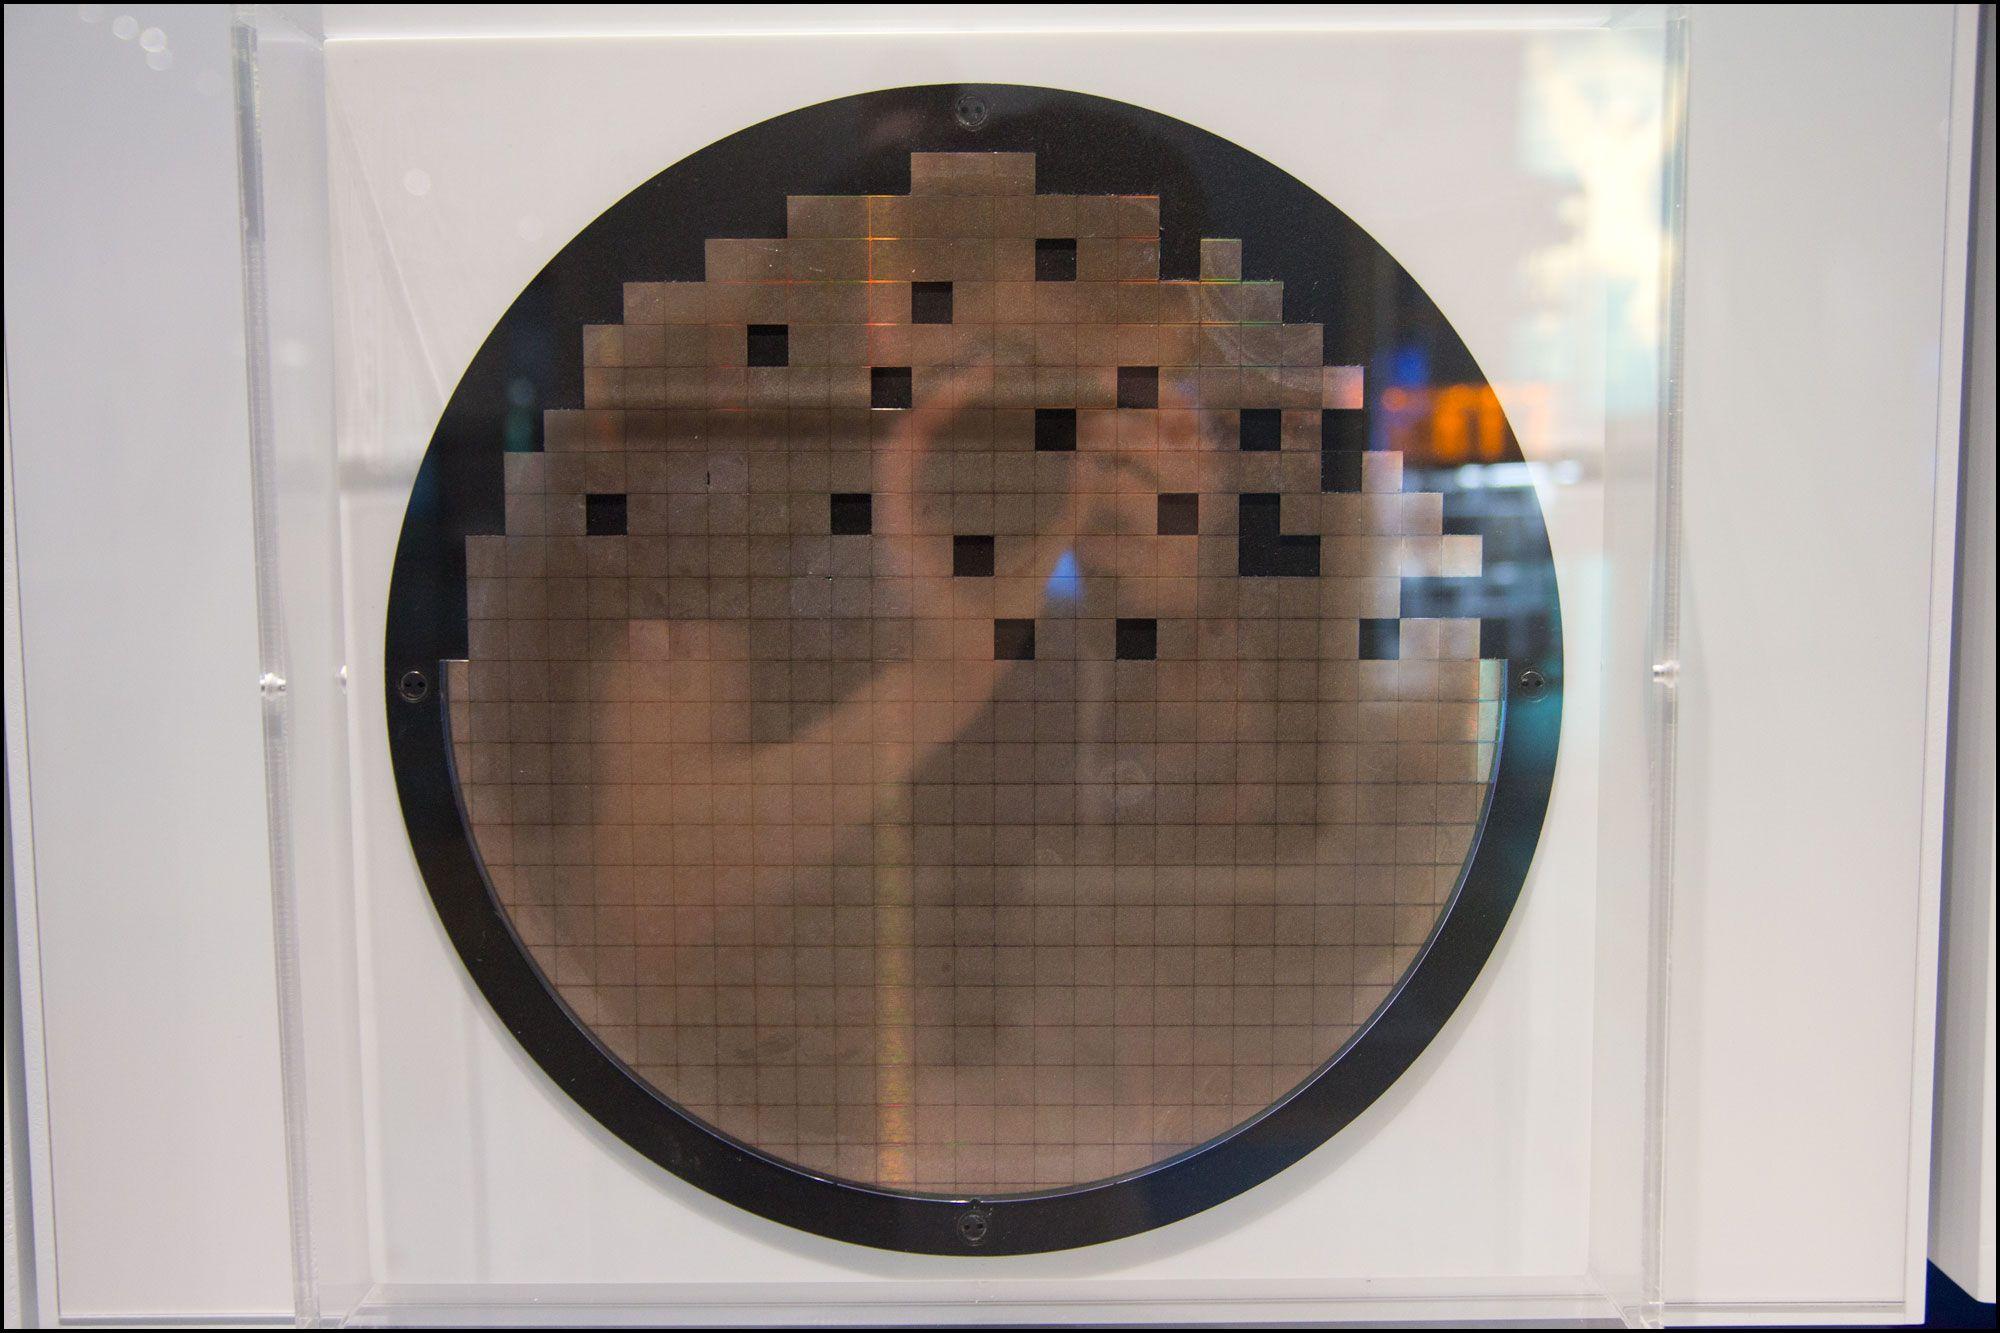 Det er ikke enkelt å produsere minne på tynne plater av silisium.Foto: Jørgen Elton Nilsen, Hardware.no